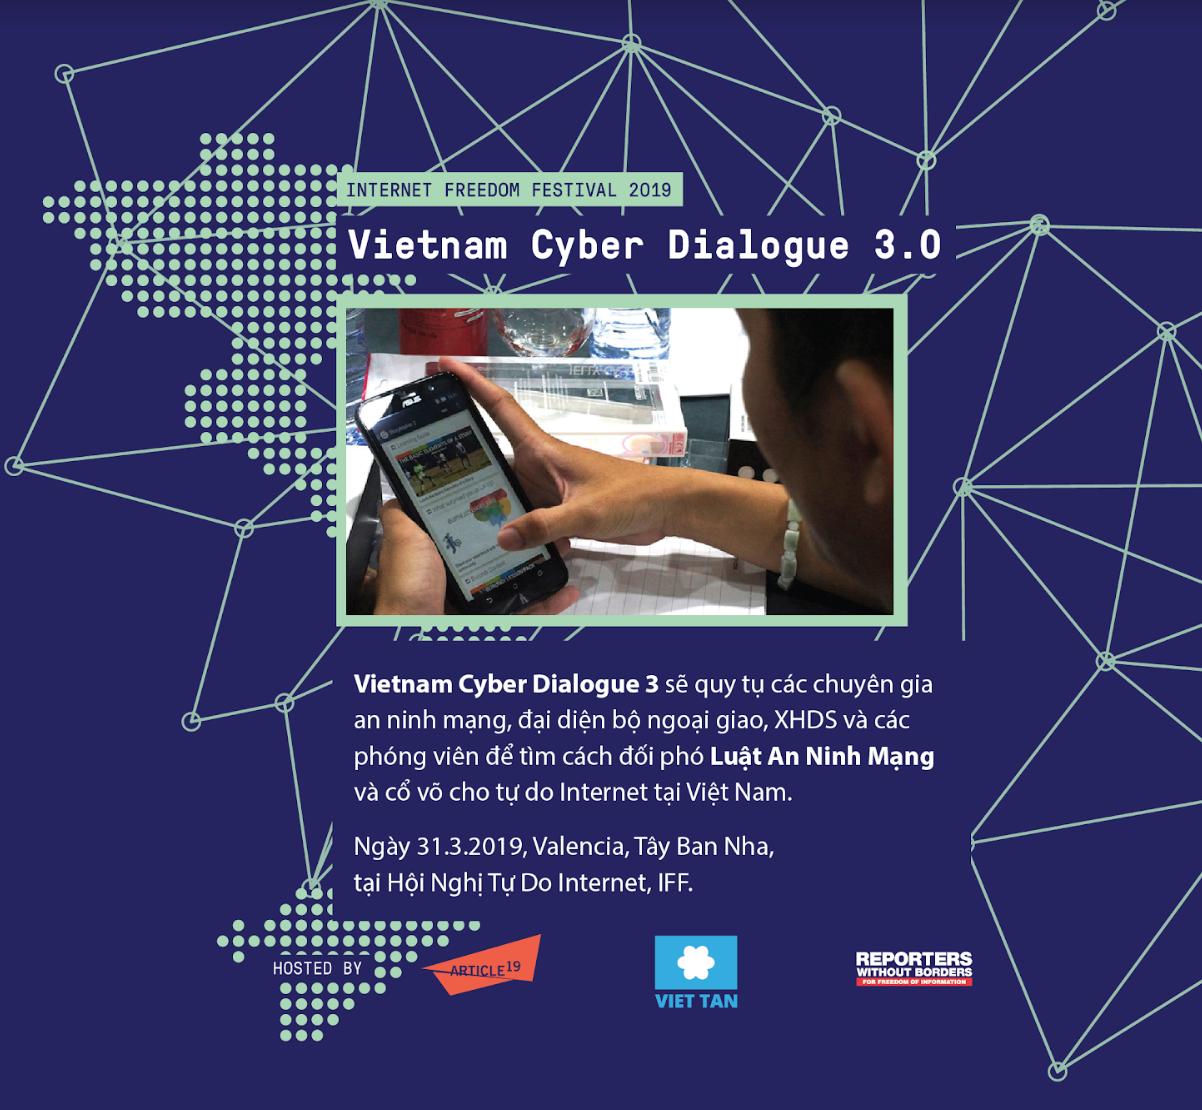 Hội nghị VIETNAM CYBER DIALOGUE 3: đối phó với luật an ninh mạng